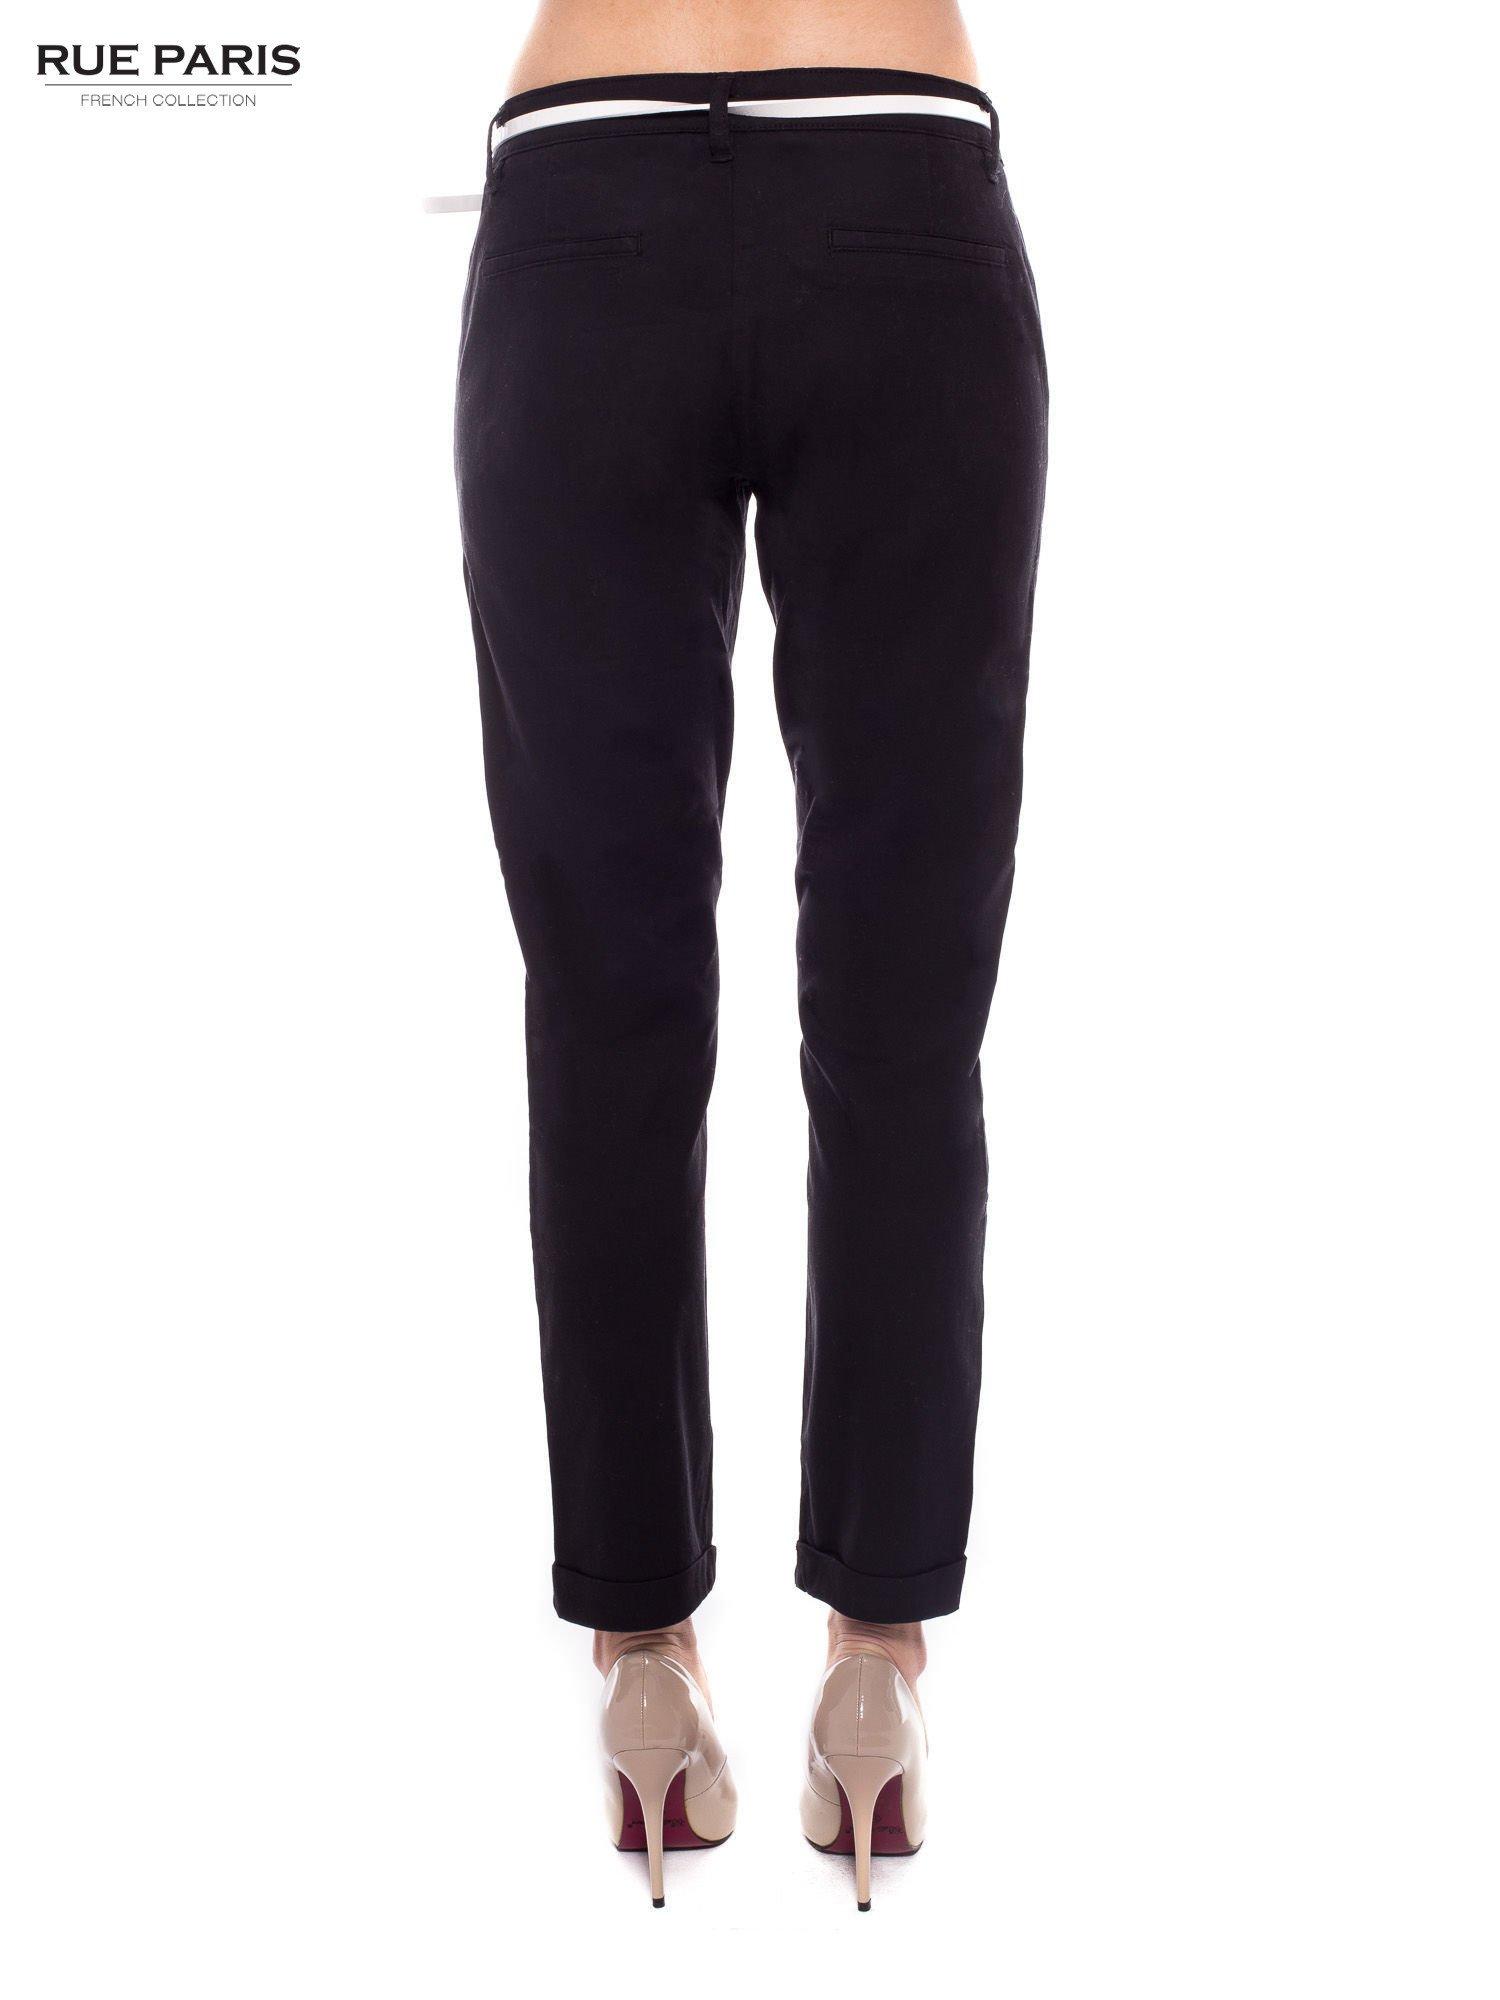 Czarne eleganckie spodnie damskie z paskiem                                  zdj.                                  3